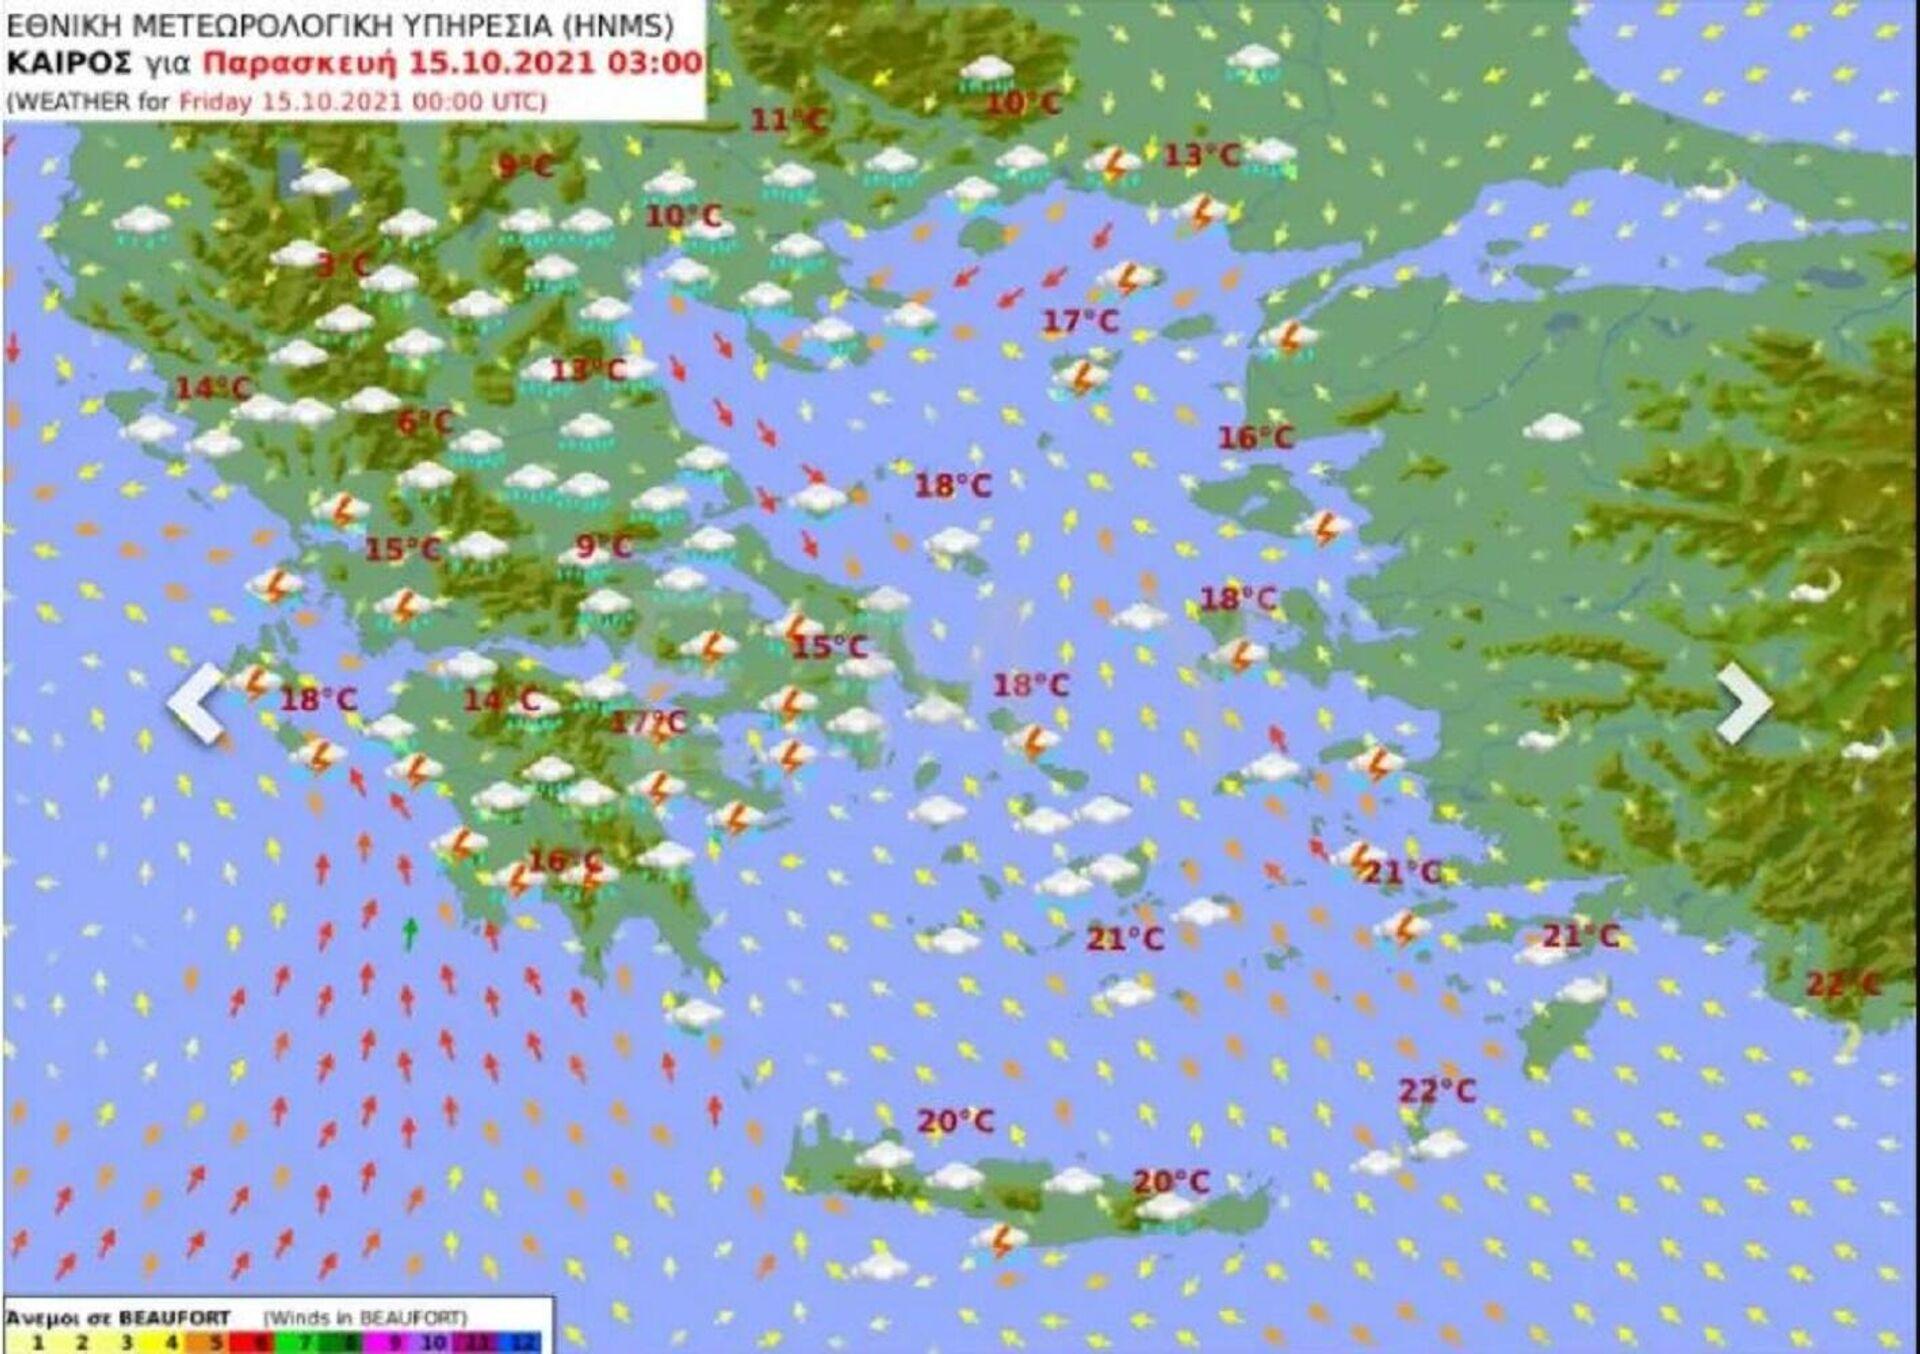 Χάρτες για την κακοκαιρία «Μπάλλος» - Sputnik Ελλάδα, 1920, 13.10.2021